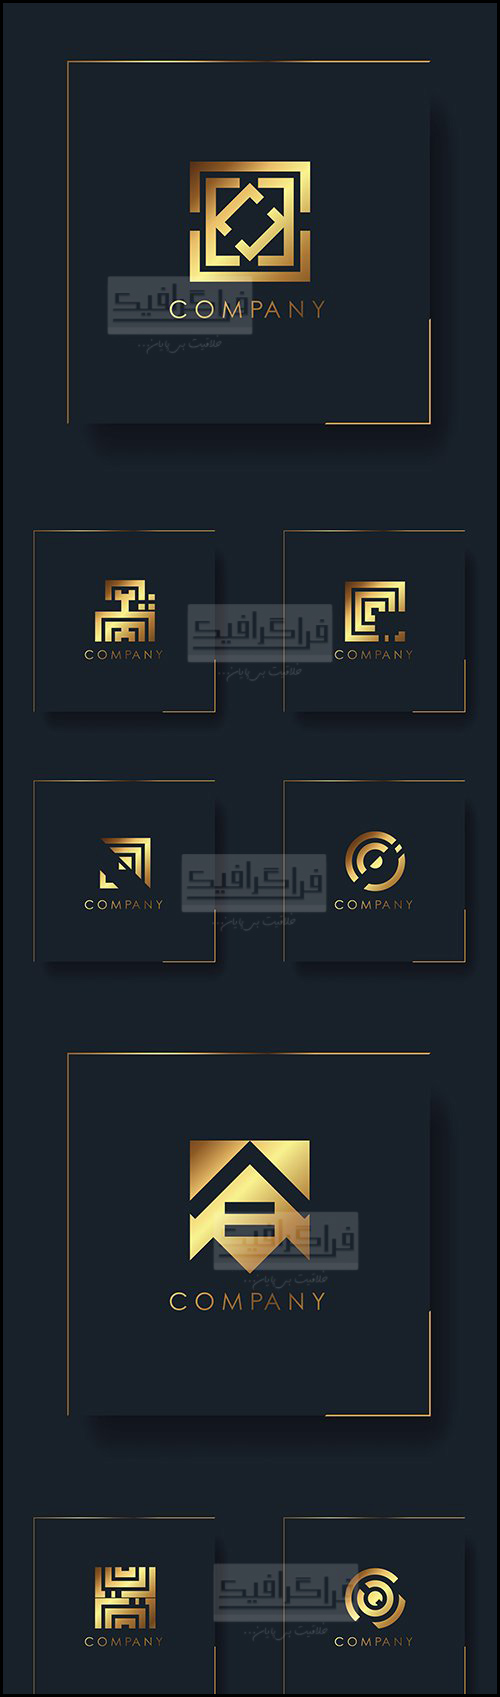 دانلود لوگو های هندسی طلایی انتزاعیر